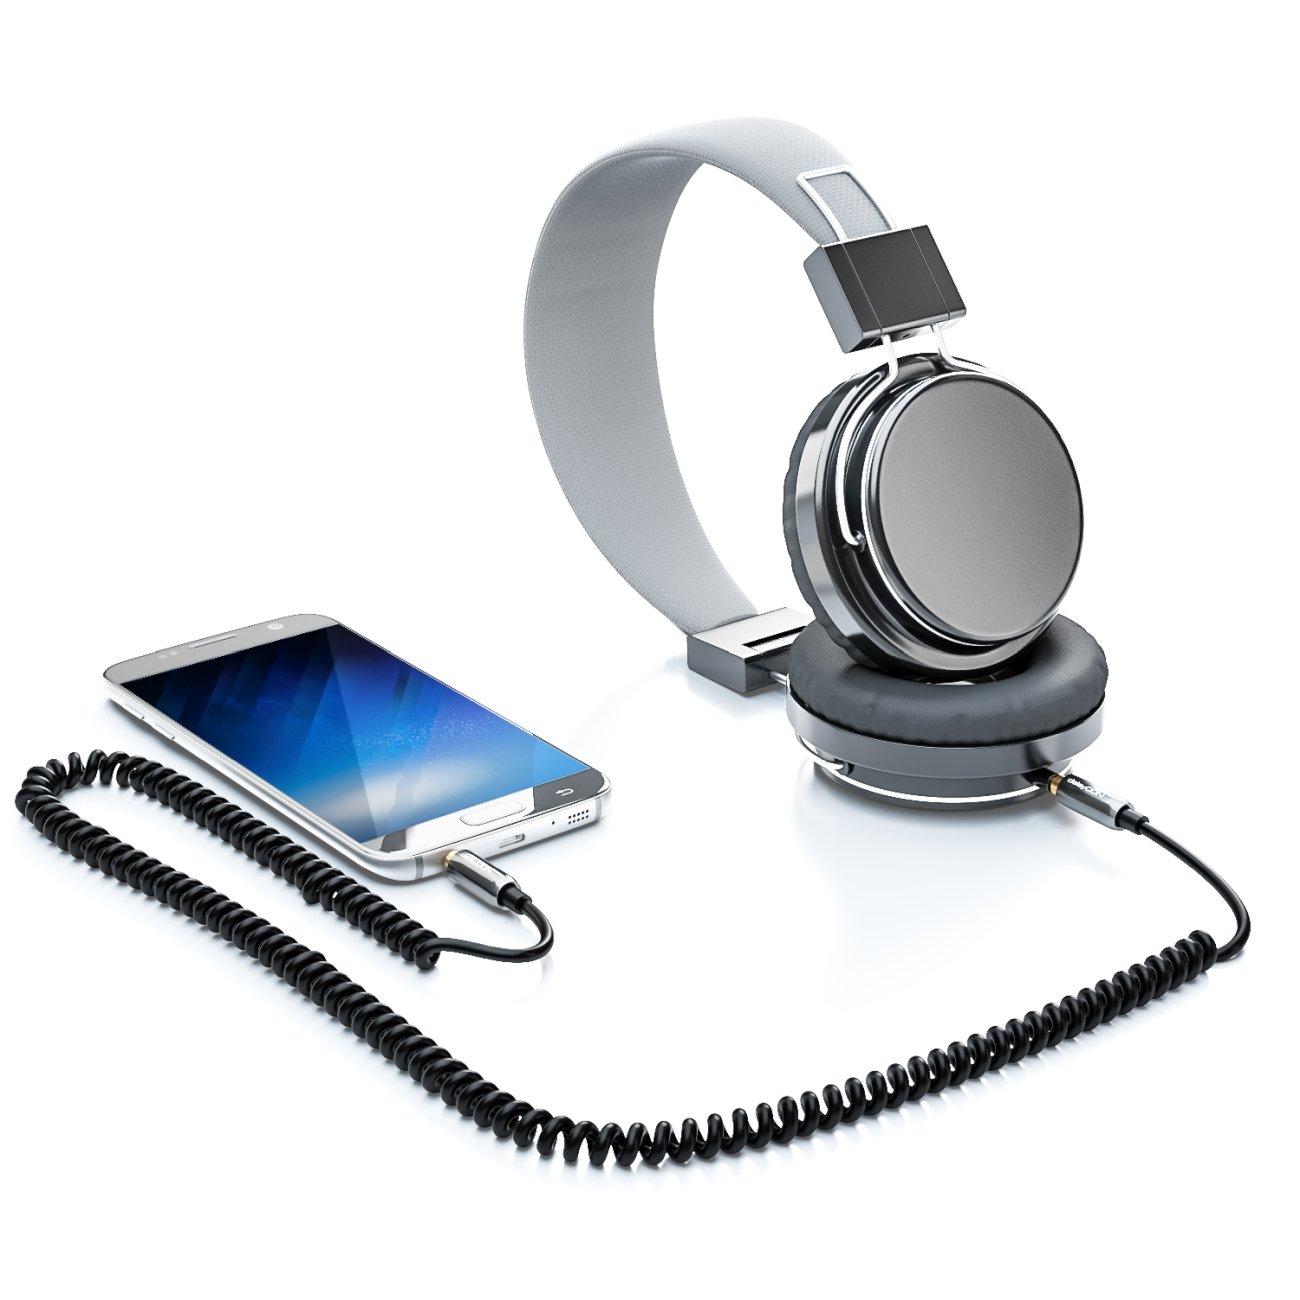 deleyCON 1m Cavo Jack a Spirale 3,5mm Cavo Jack Stereo Audio da 3,5mm Connettore da 3,5mm Placcato in Oro